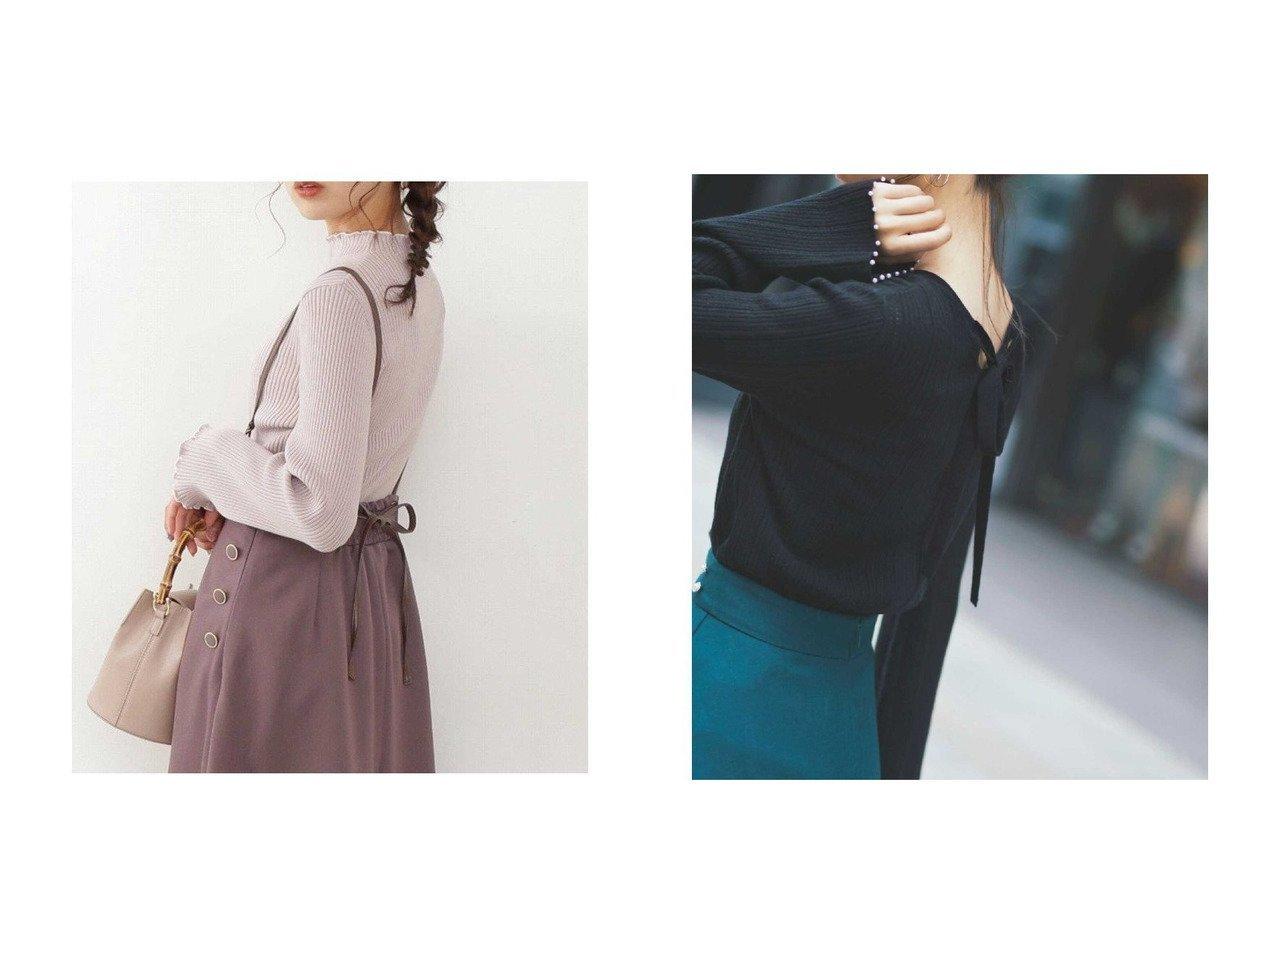 【PROPORTION BODY DRESSING/プロポーション ボディドレッシング】のバックリボンパールフレアスリーブニット&メロウリブニットトップス トップス・カットソーのおすすめ!人気、トレンド・レディースファッションの通販  おすすめで人気の流行・トレンド、ファッションの通販商品 メンズファッション・キッズファッション・インテリア・家具・レディースファッション・服の通販 founy(ファニー) https://founy.com/ ファッション Fashion レディースファッション WOMEN トップス Tops Tshirt ニット Knit Tops シンプル フリル リブニット パール リボン 無地  ID:crp329100000010621